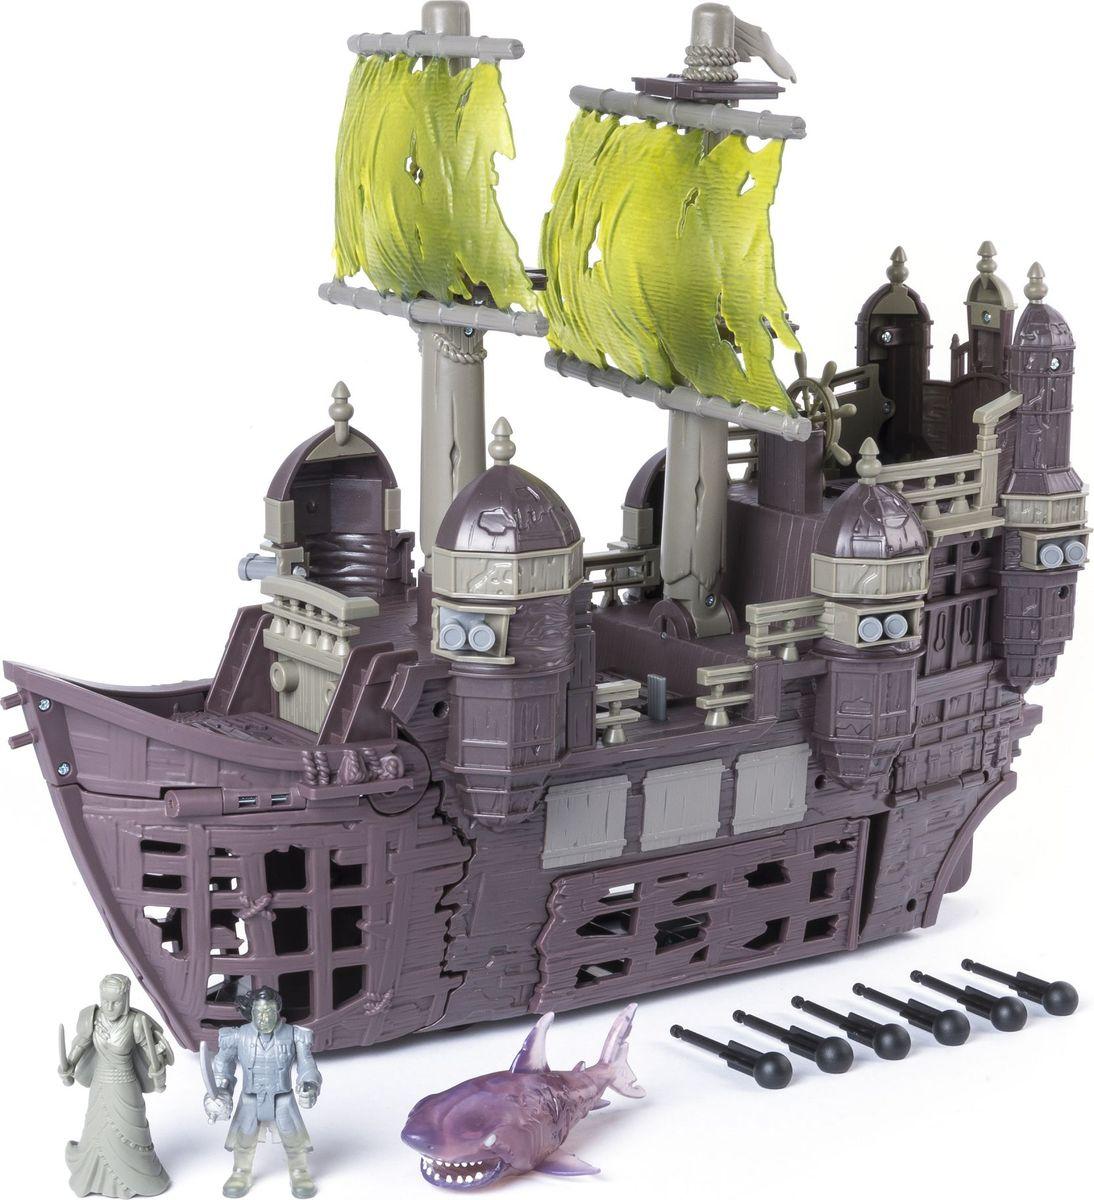 Pirates of Caribbean Пиратский корабль Немая Мария (Silent Mary)